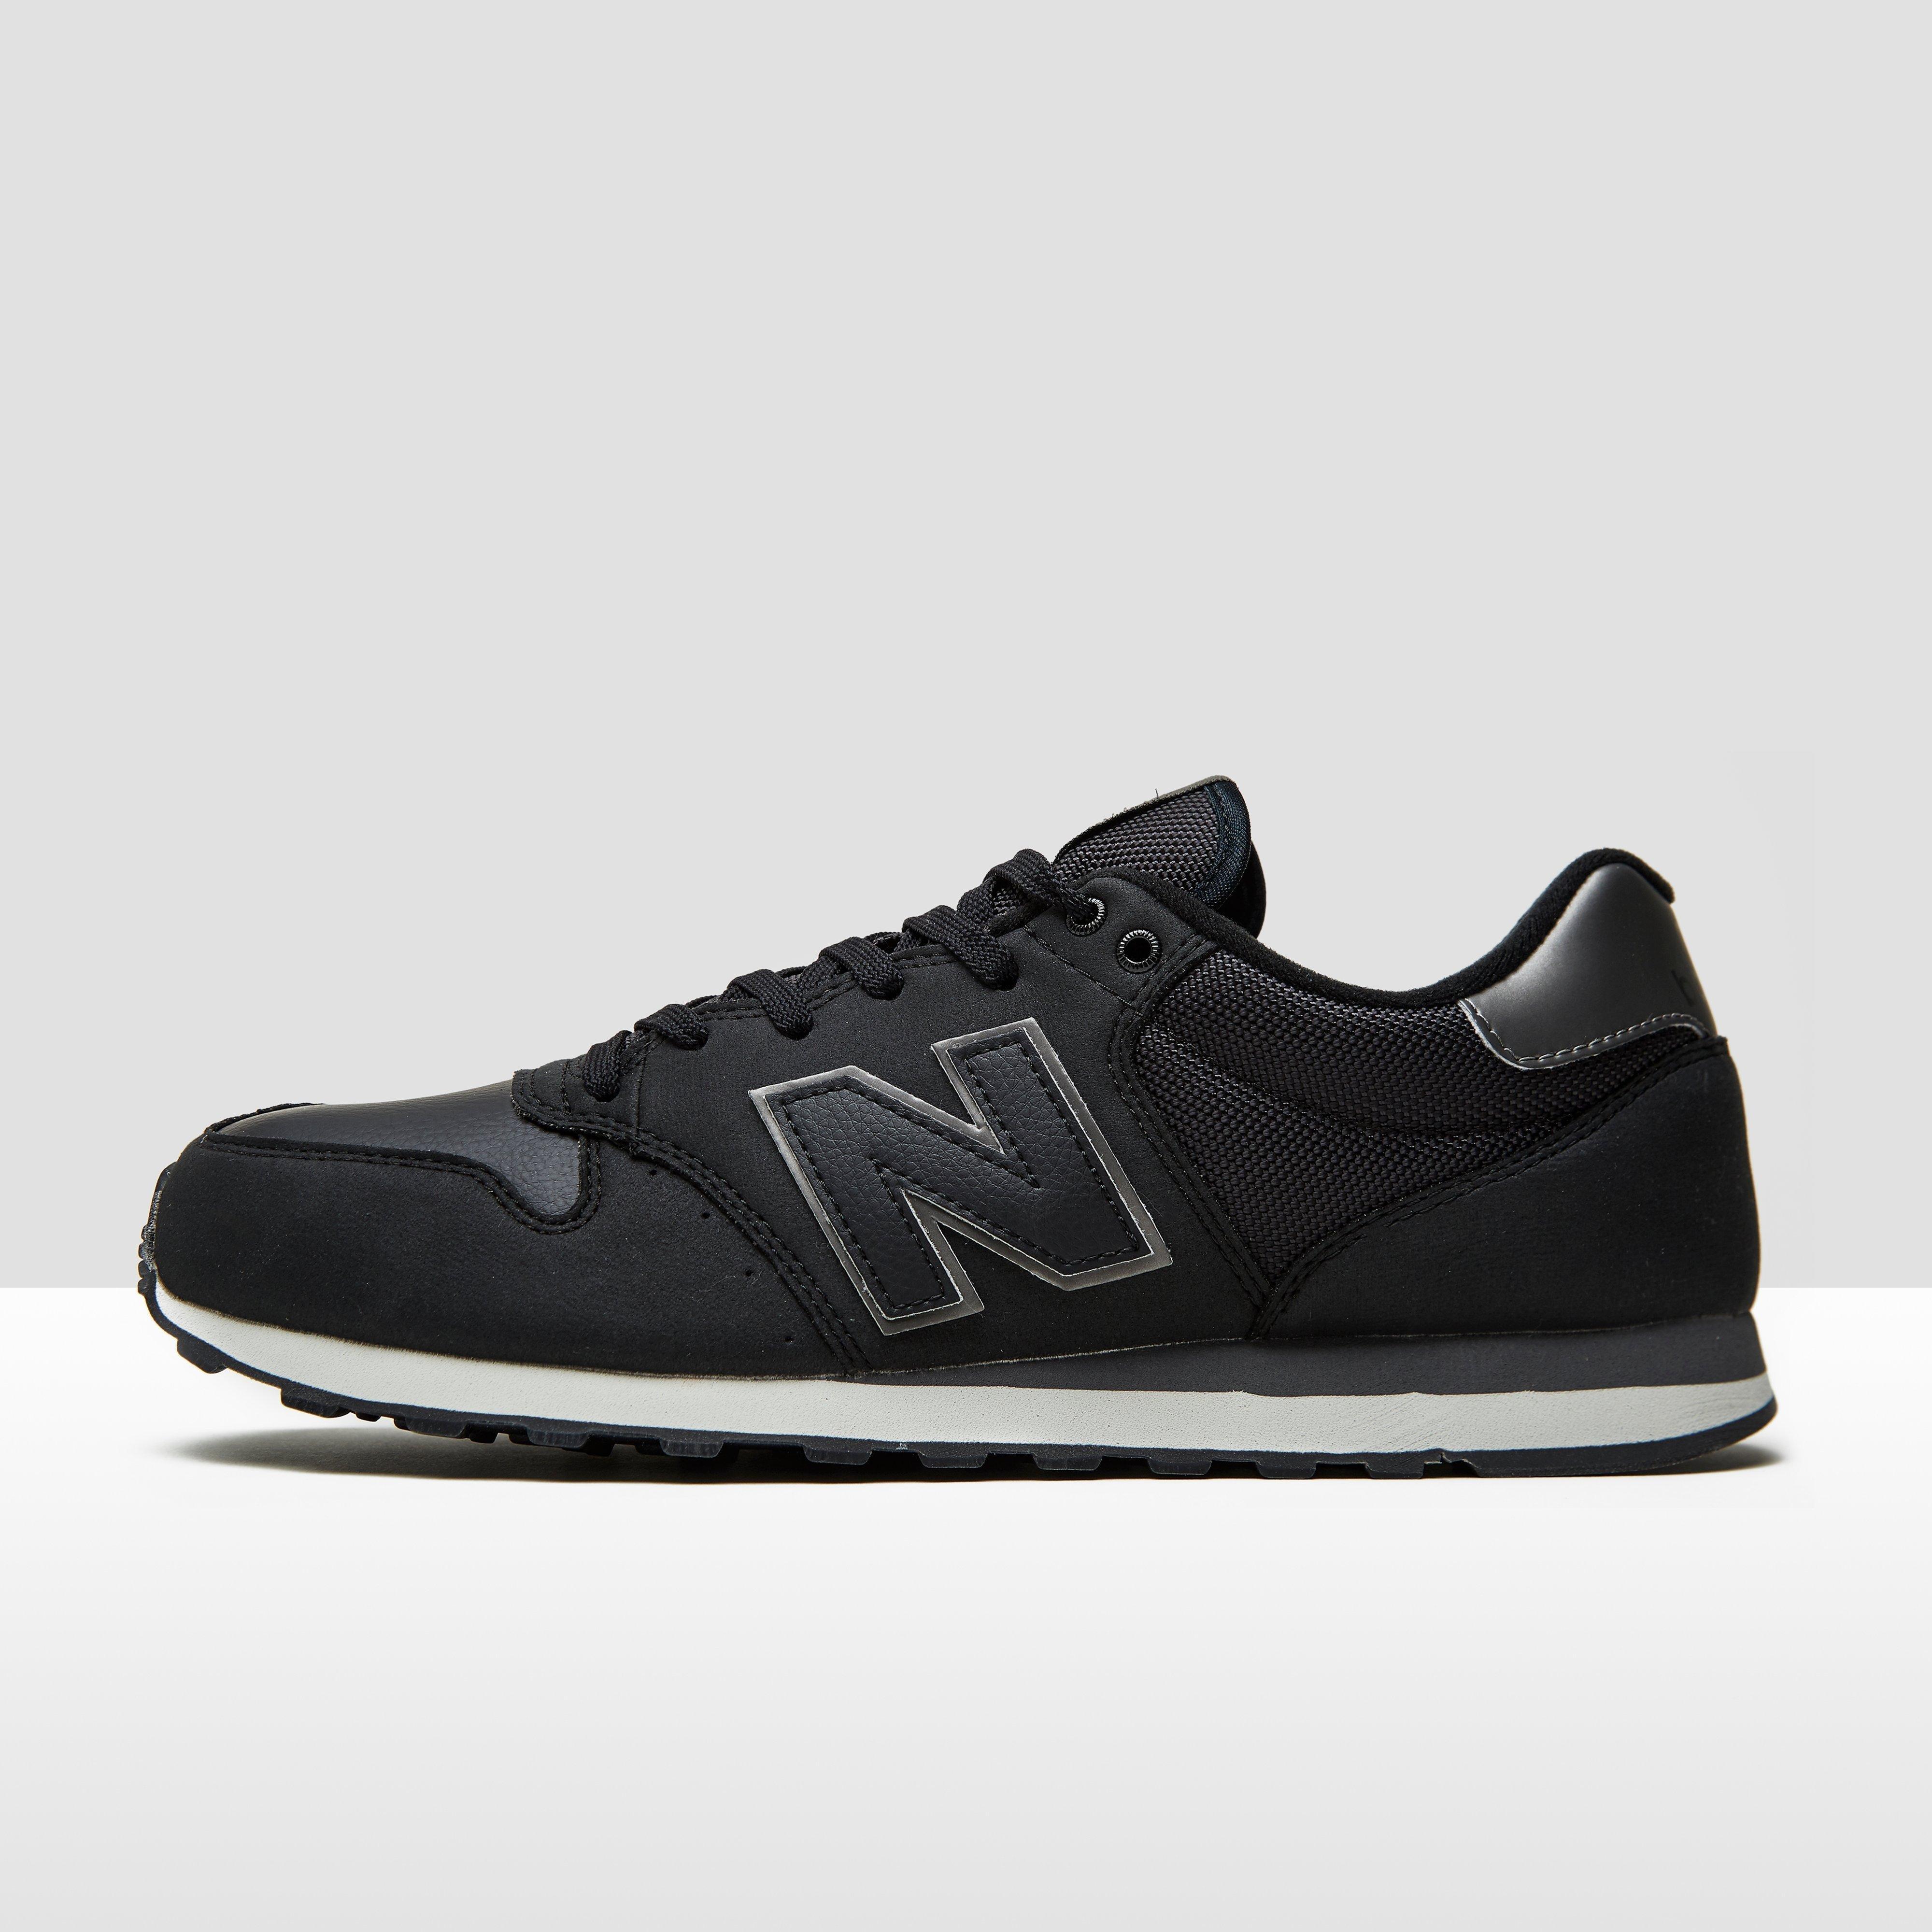 Noir Nouvelles Chaussures D'équilibre Pour Les Hommes XwPEUlGP